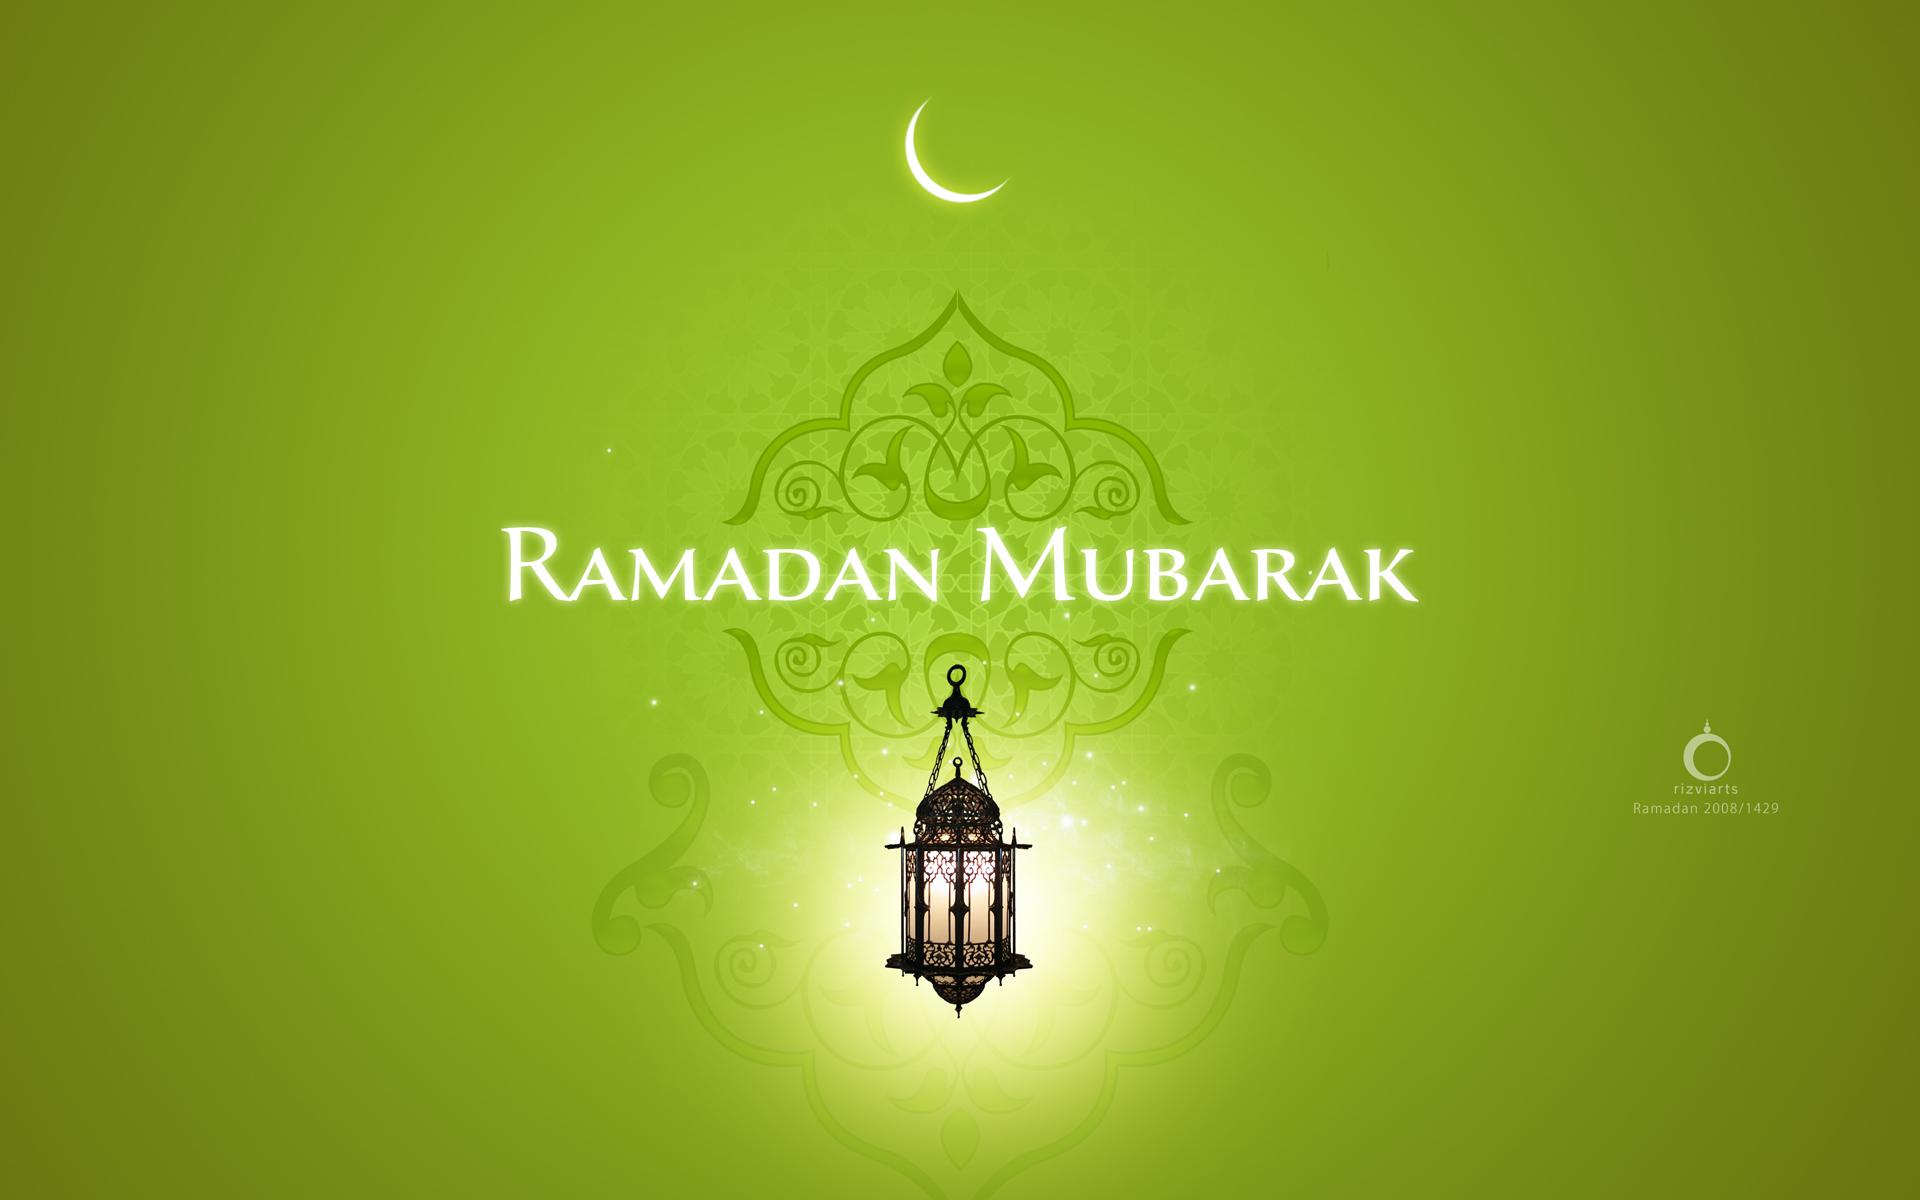 Картинки в месяц рамадан с надписями, открытки поздравительные